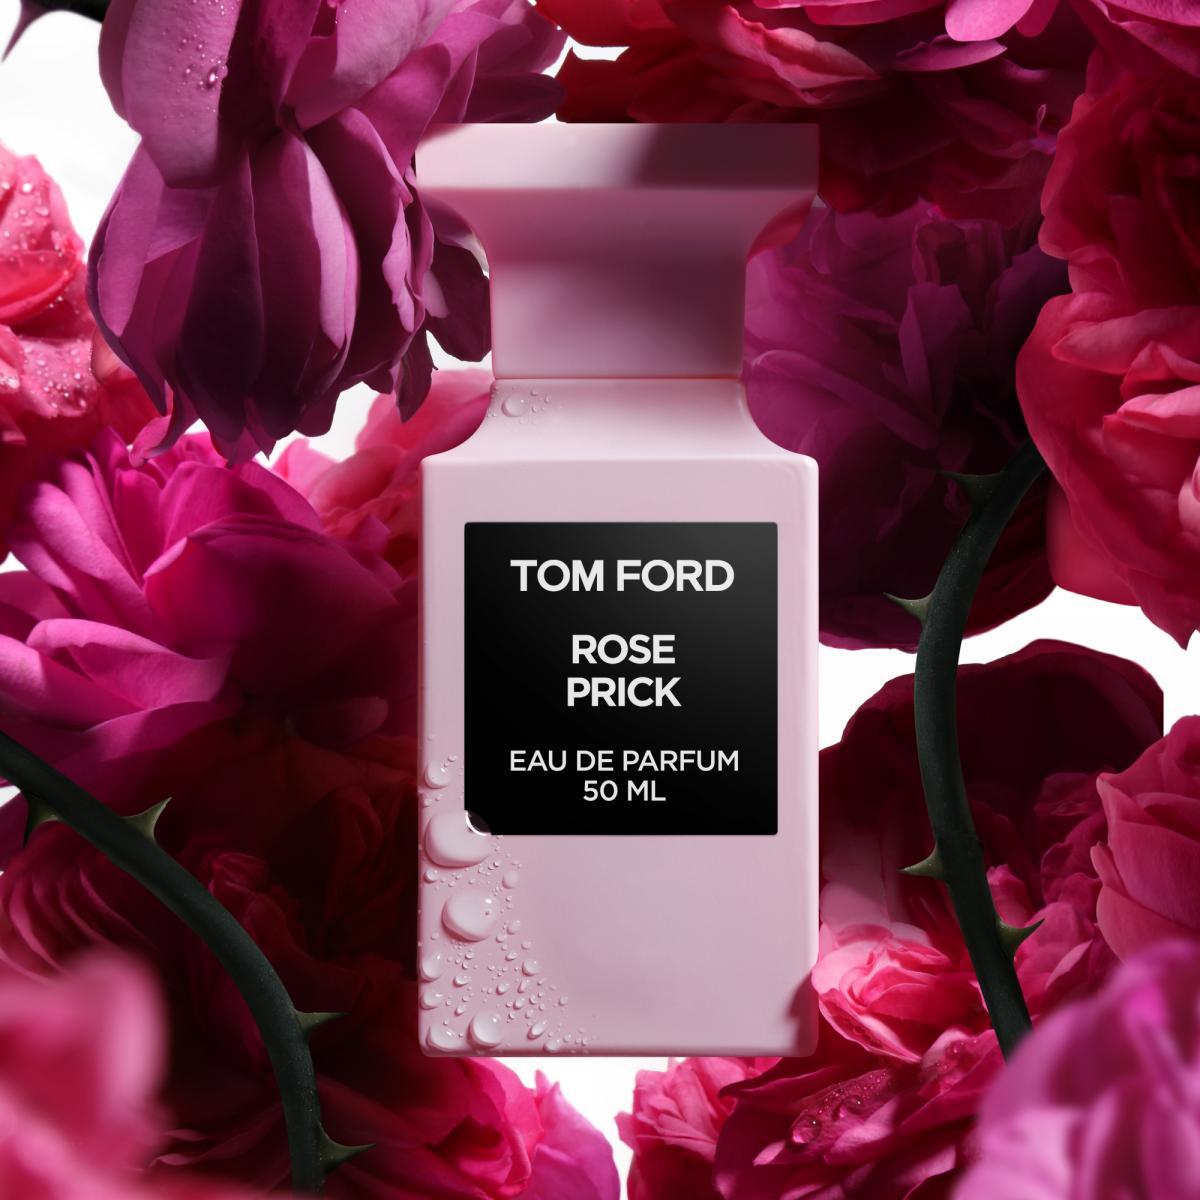 2021香水推薦Top 12!Chanel、Jo Malone、Dior、Tom Ford...男人回頭率直逼200%的香味-1